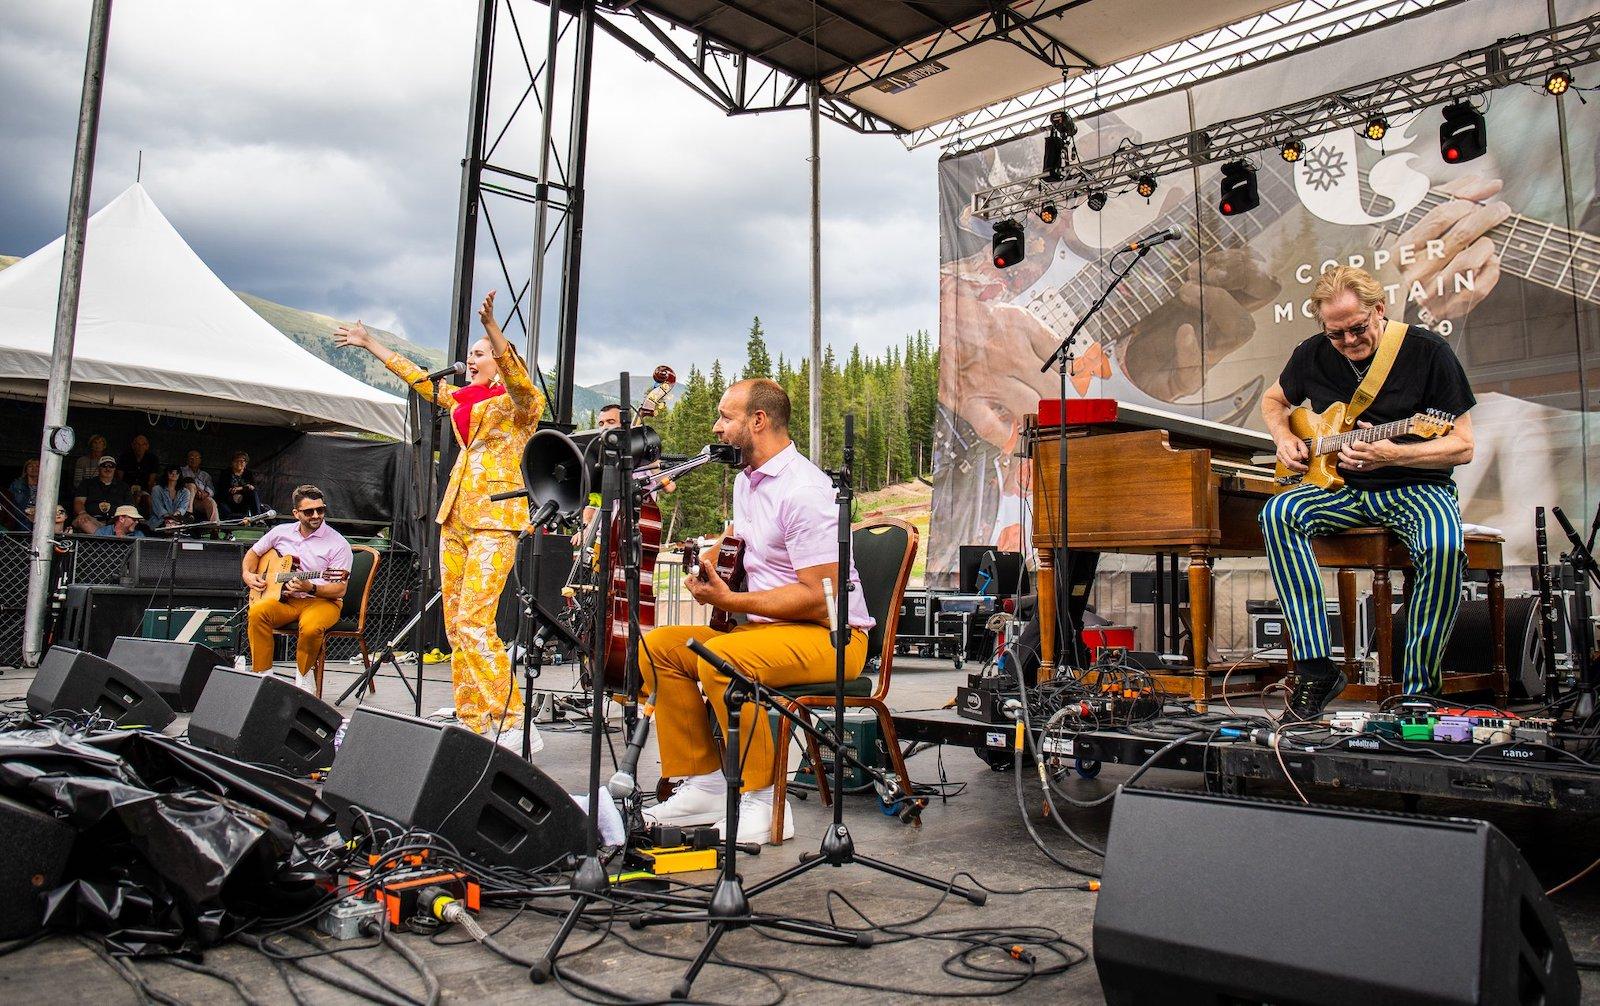 Gambar pertunjukan musik langsung di Copper Mountain, Colorado